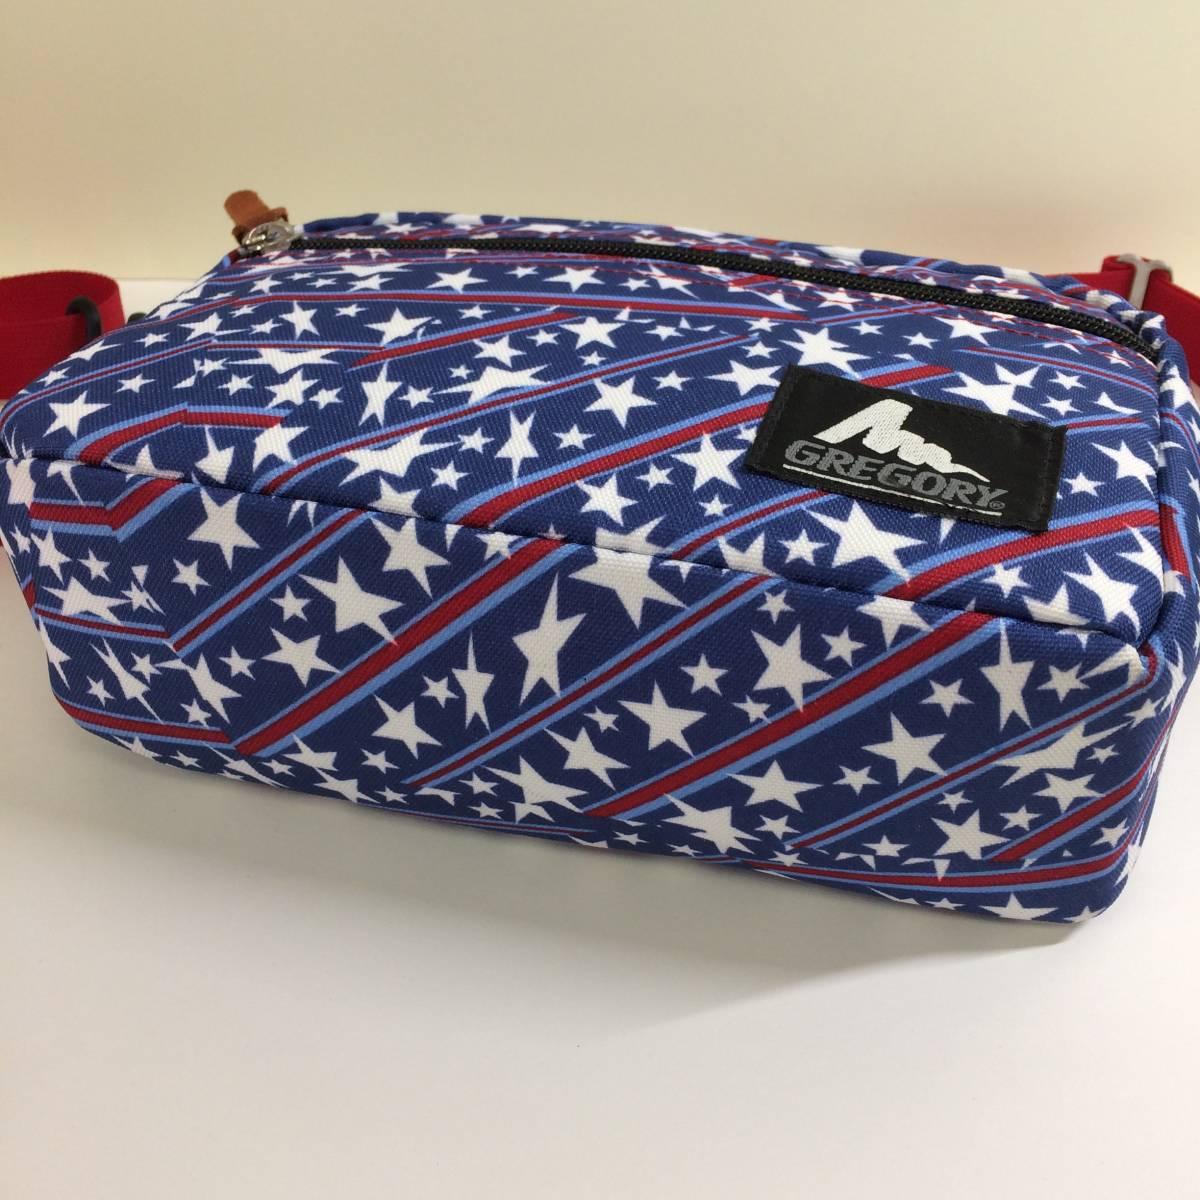 USA製 旧タグ 美品 グレゴリー パデッドショルダーM 星条旗 アメリカンフラッグ ショルダーポーチ ポシェット